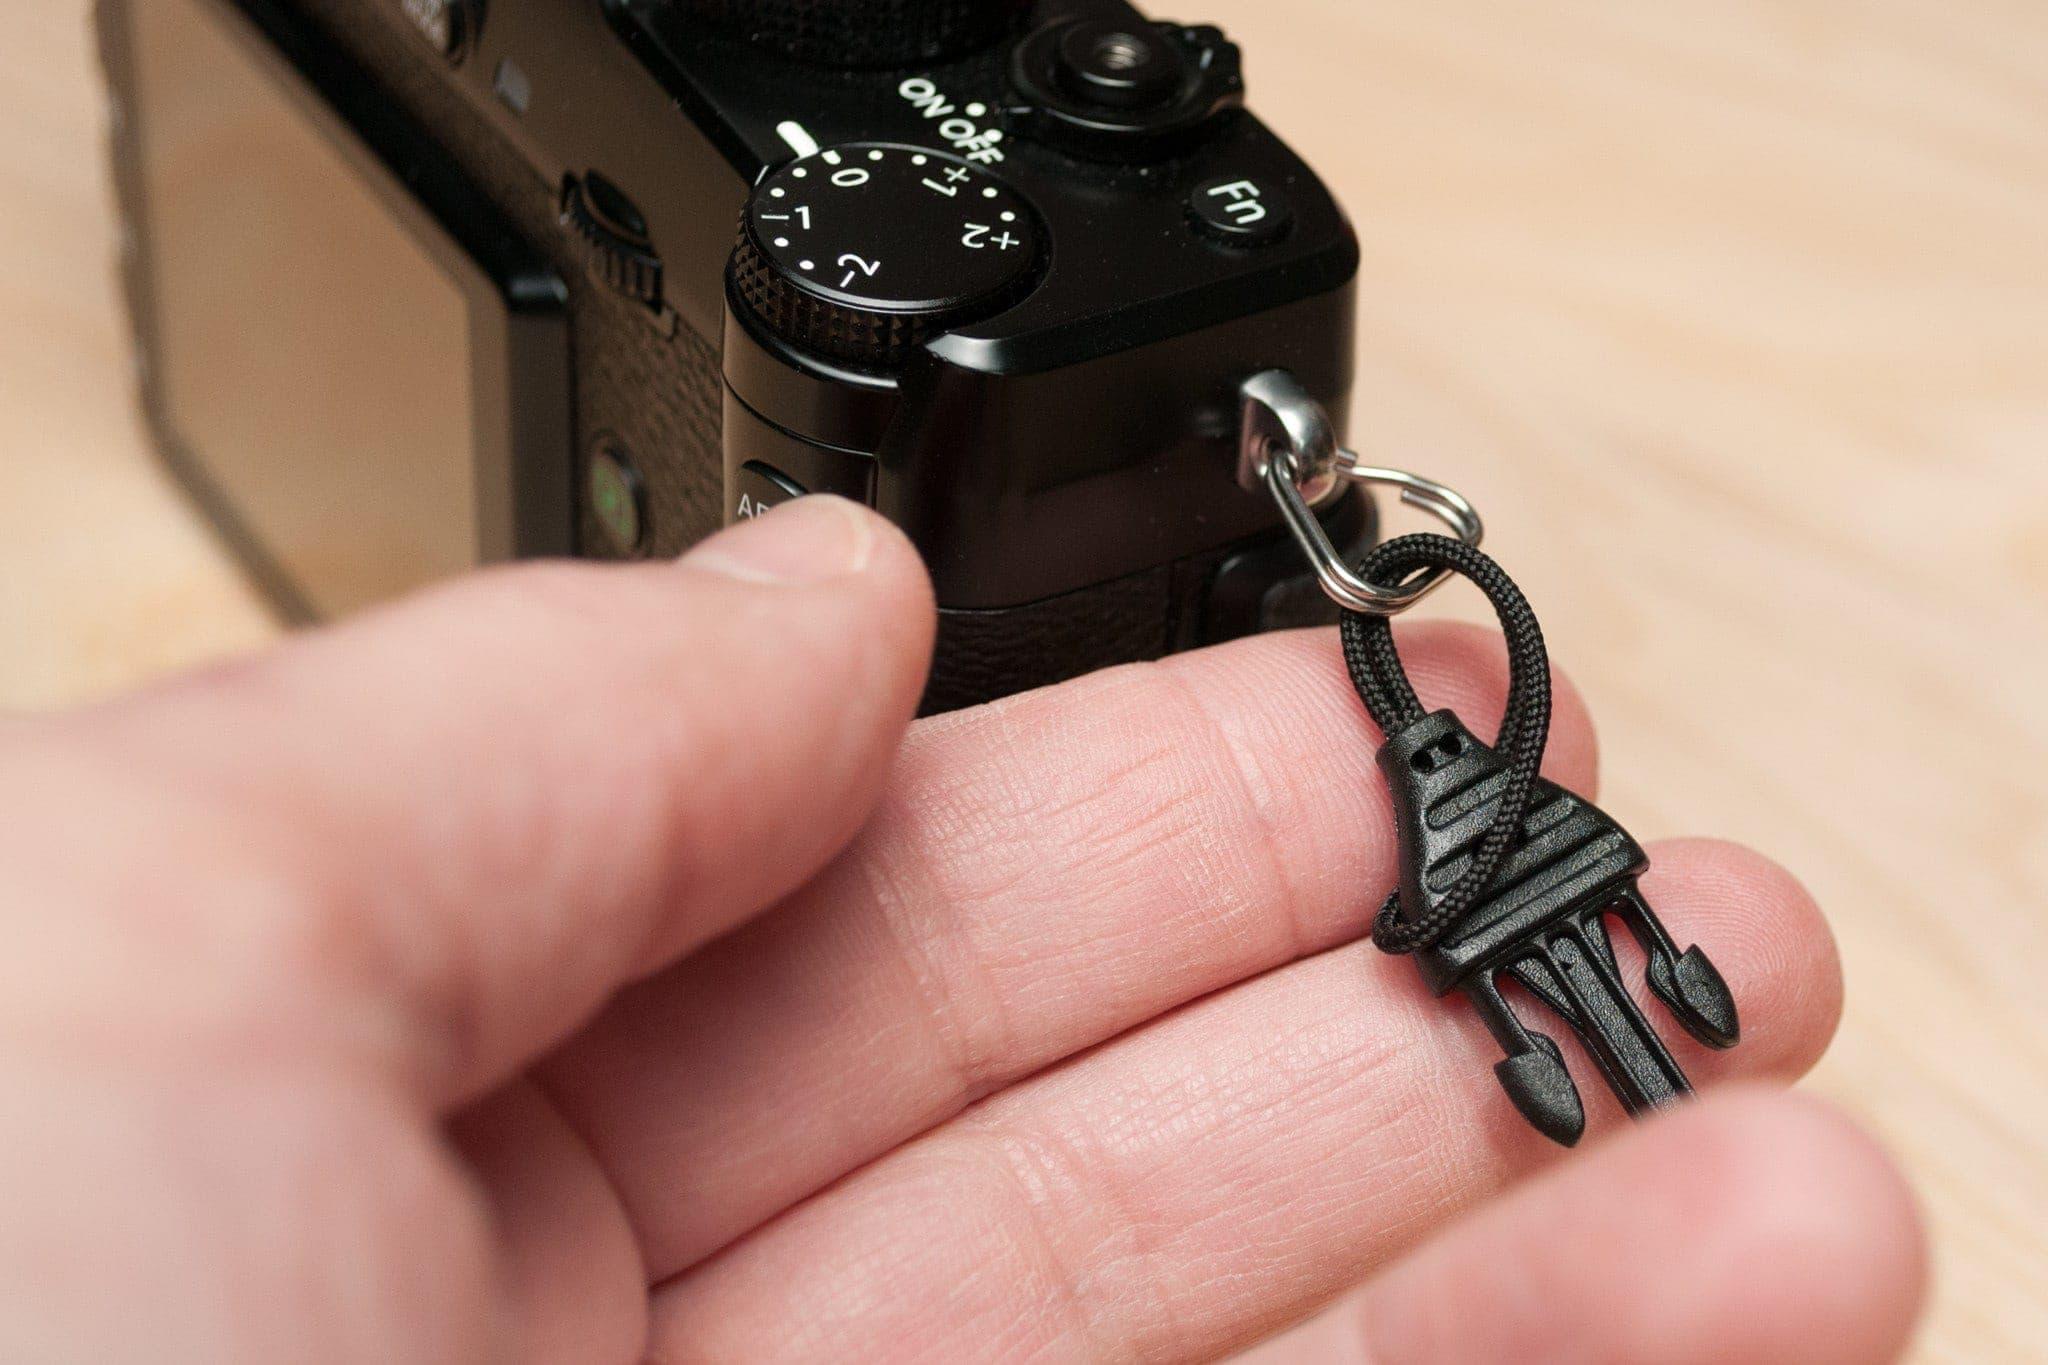 Rosca mini de desconexión rápida a través de la apertura del bucle.